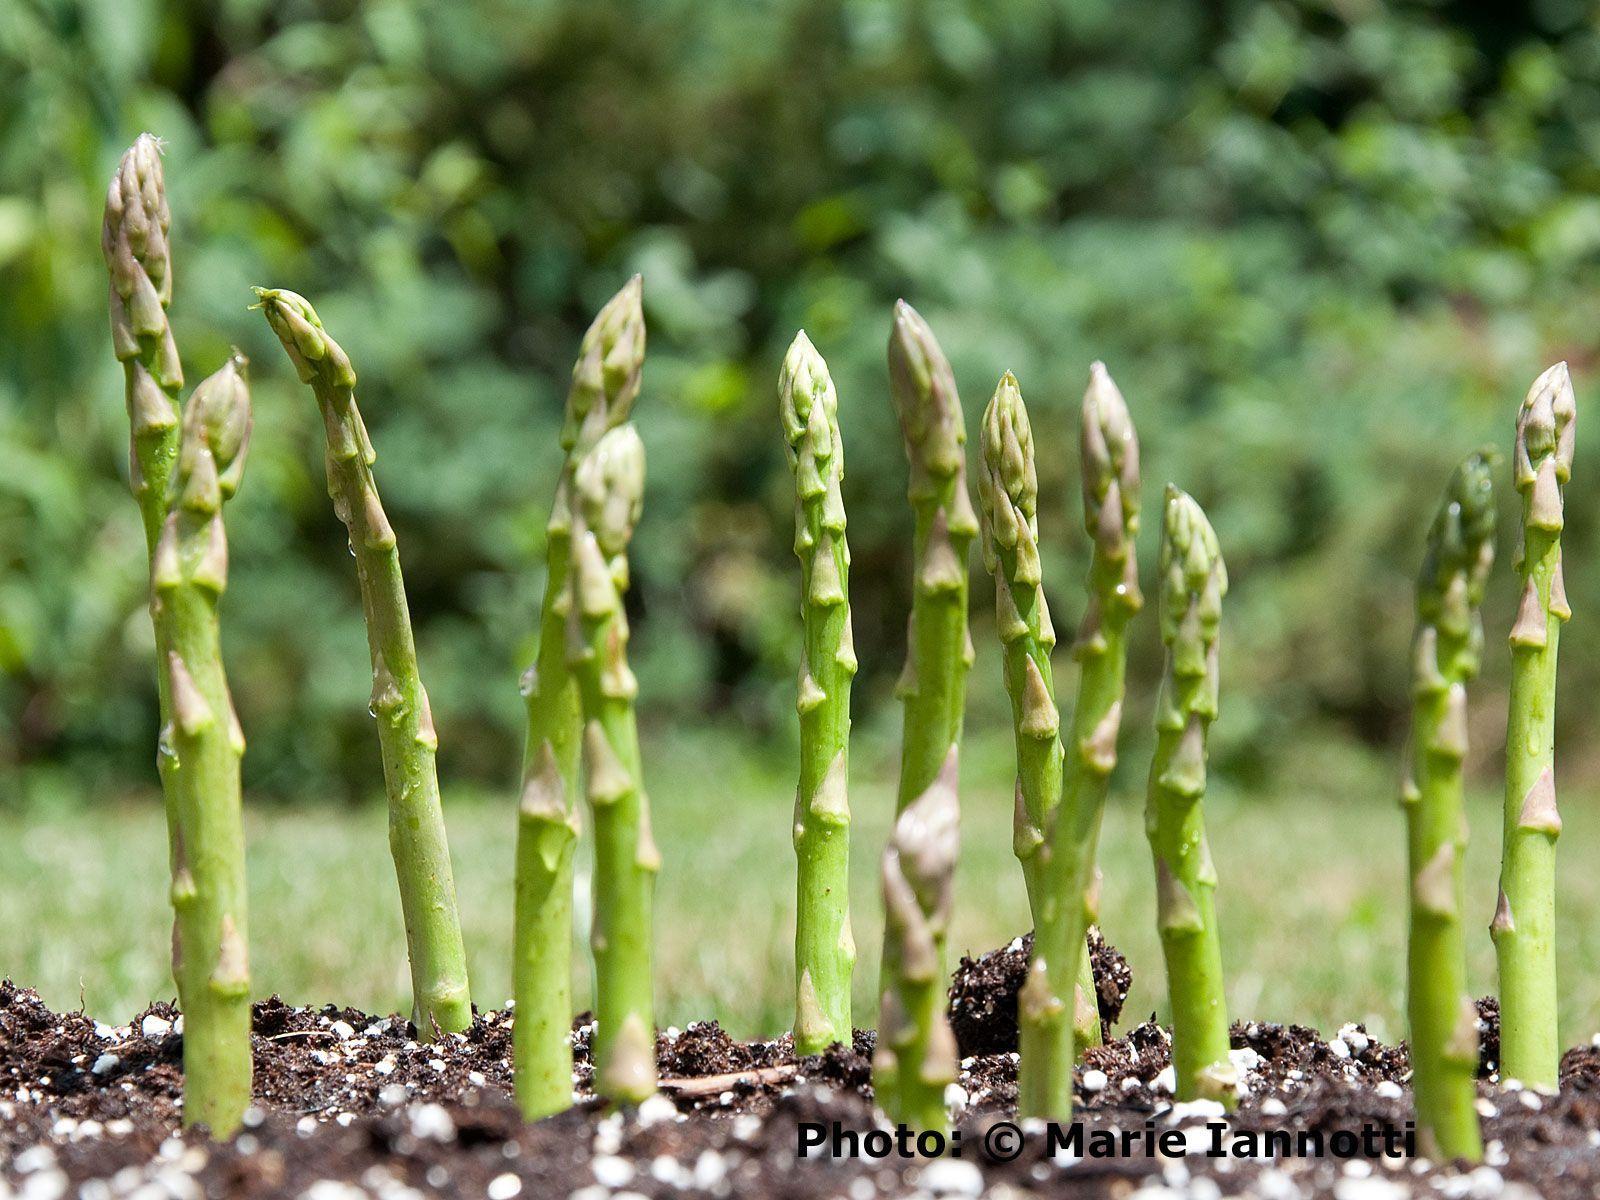 Grow Delicious Asparagus With These Tips Asparagus 400 x 300